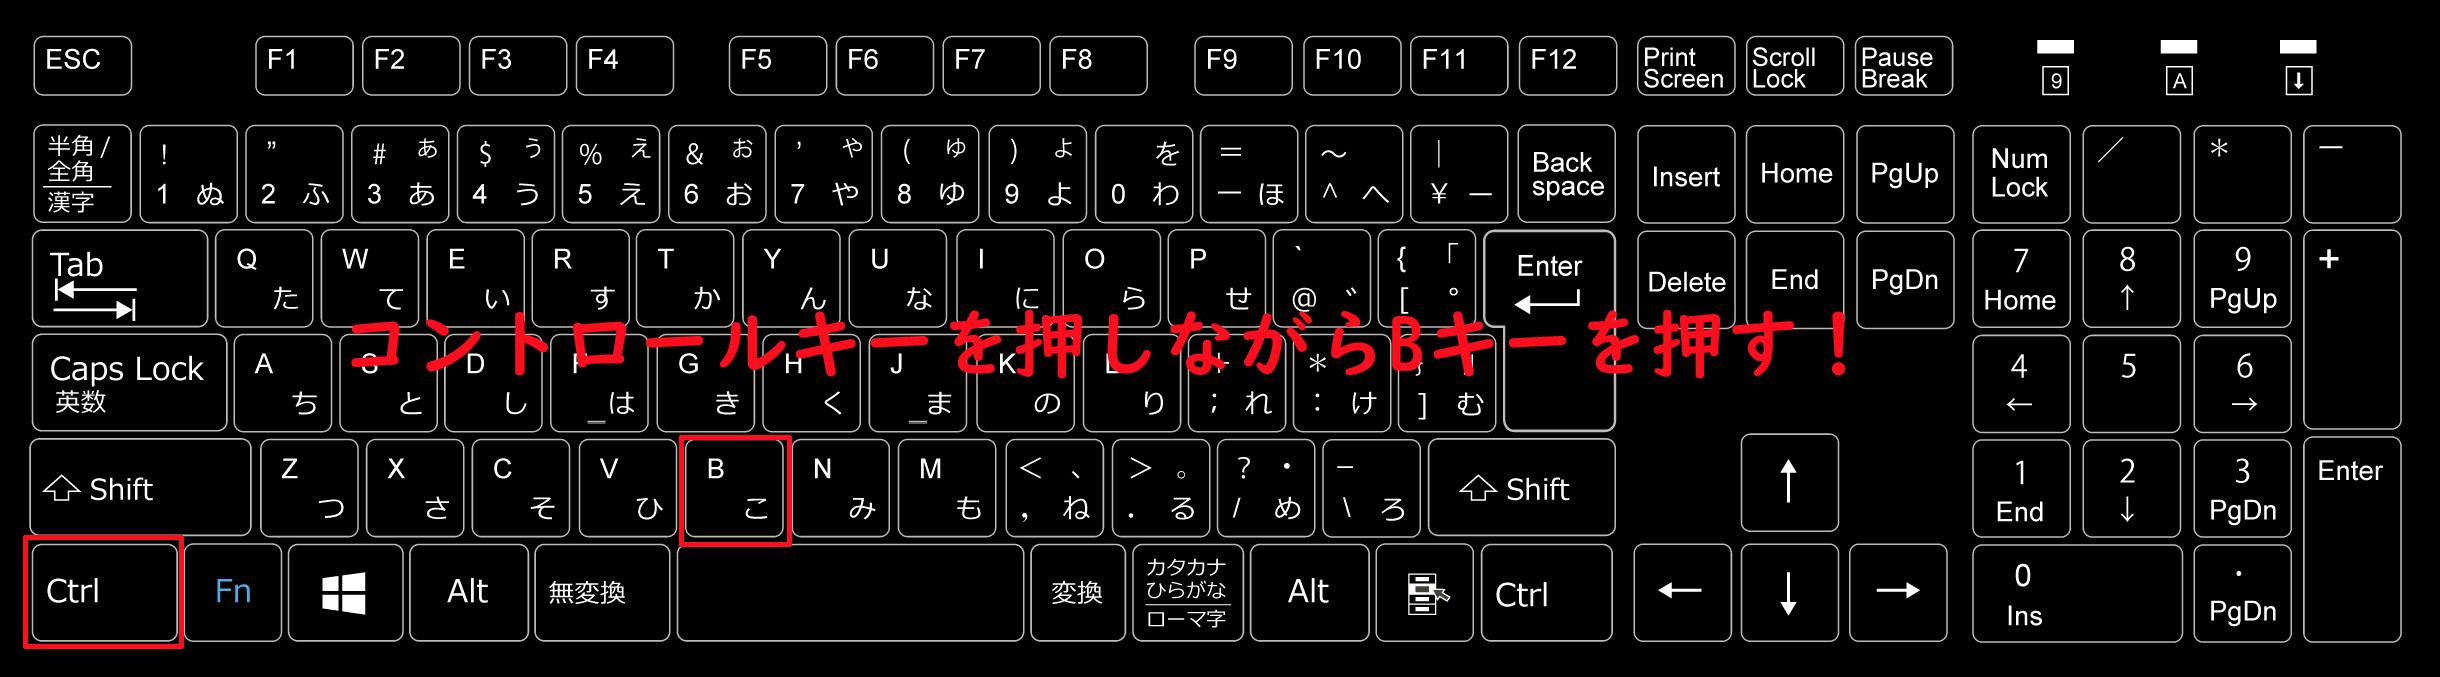 太字にしたい文字を選択した状態でコントロールキーを押しながらBキーを押す